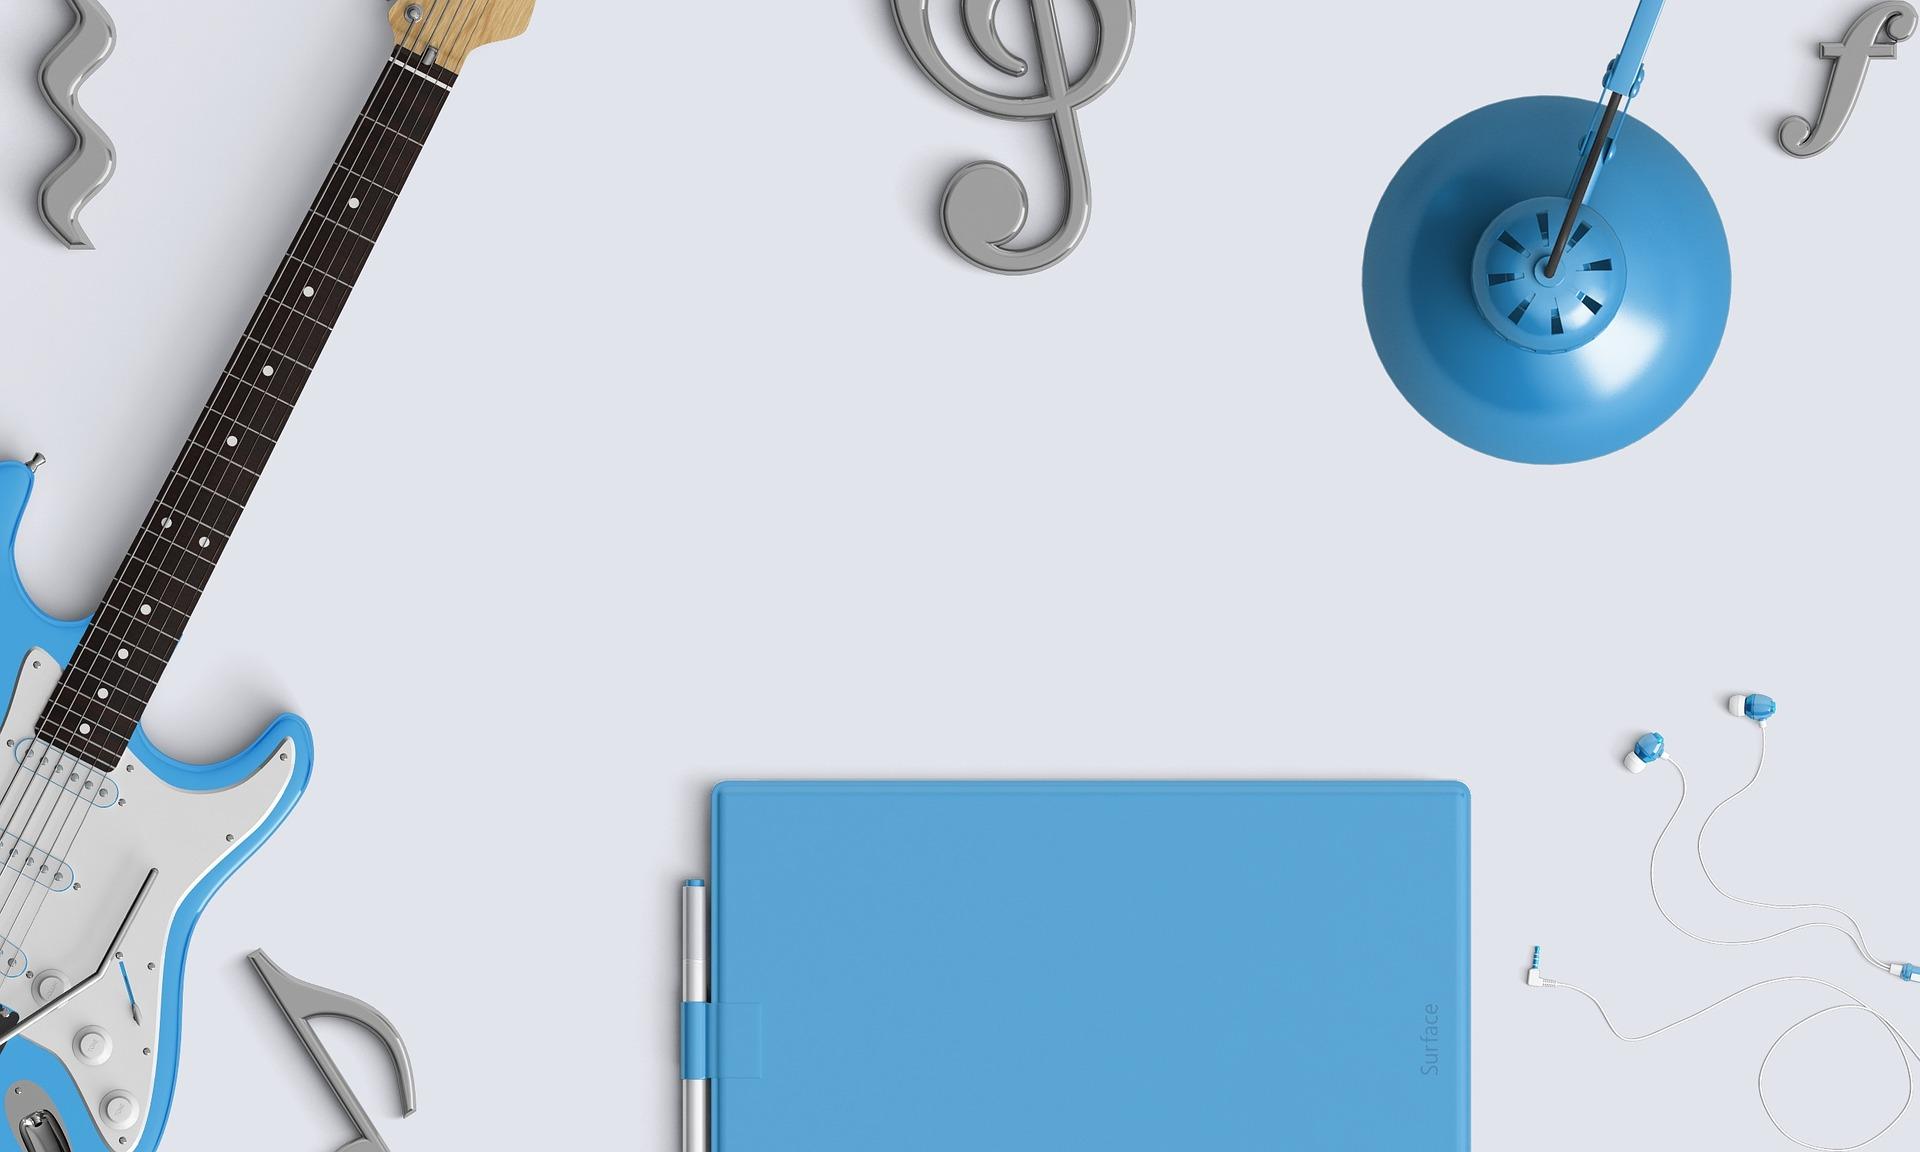 Gitaar liedjes spelen? De leukste gitaar liedjes voor beginners!